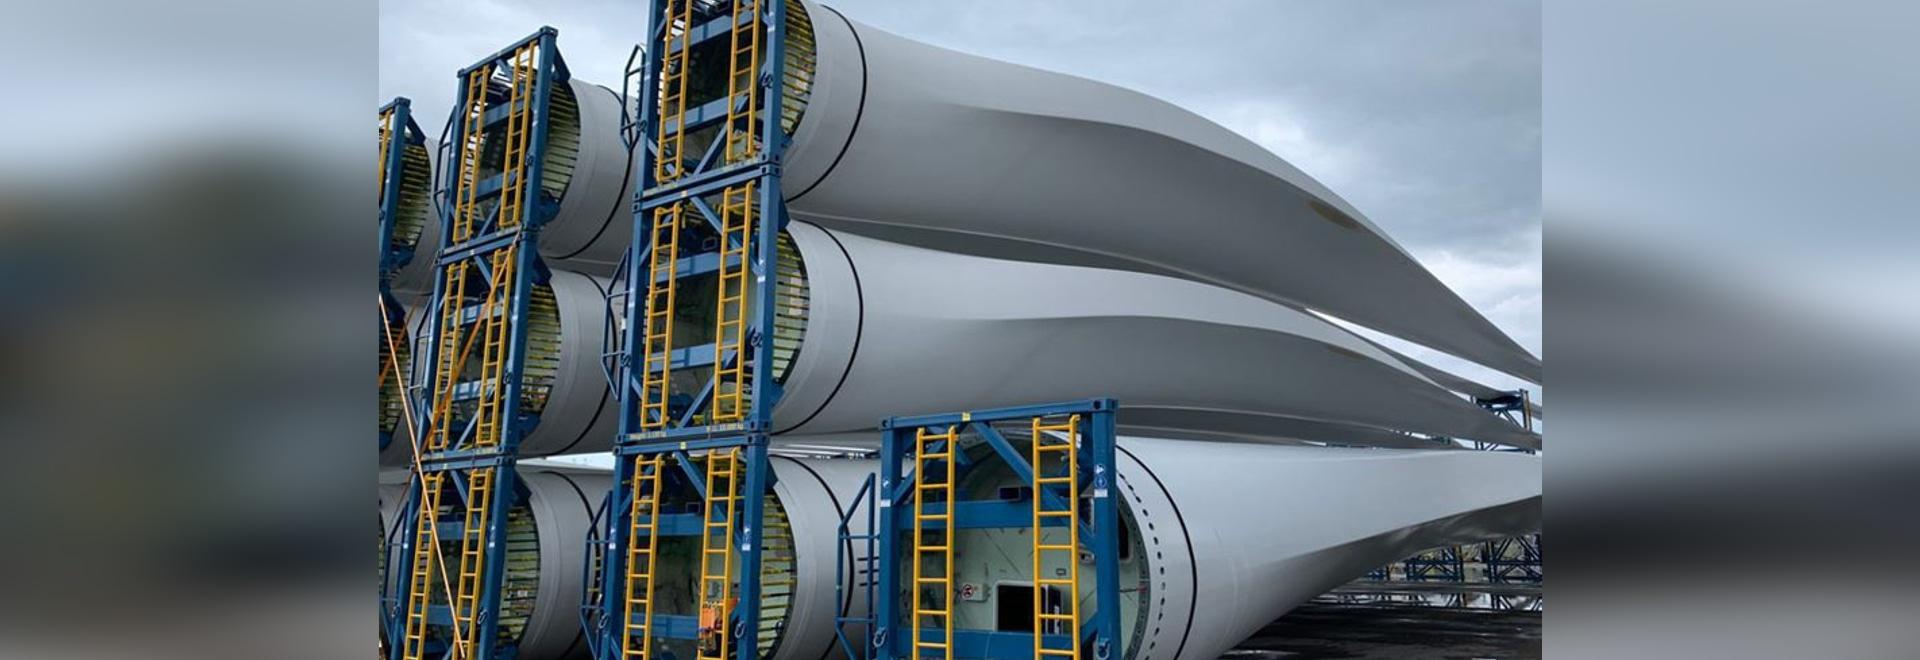 Compuestos reciclados de palas de aerogeneradores utilizados para el co-procesamiento de cemento